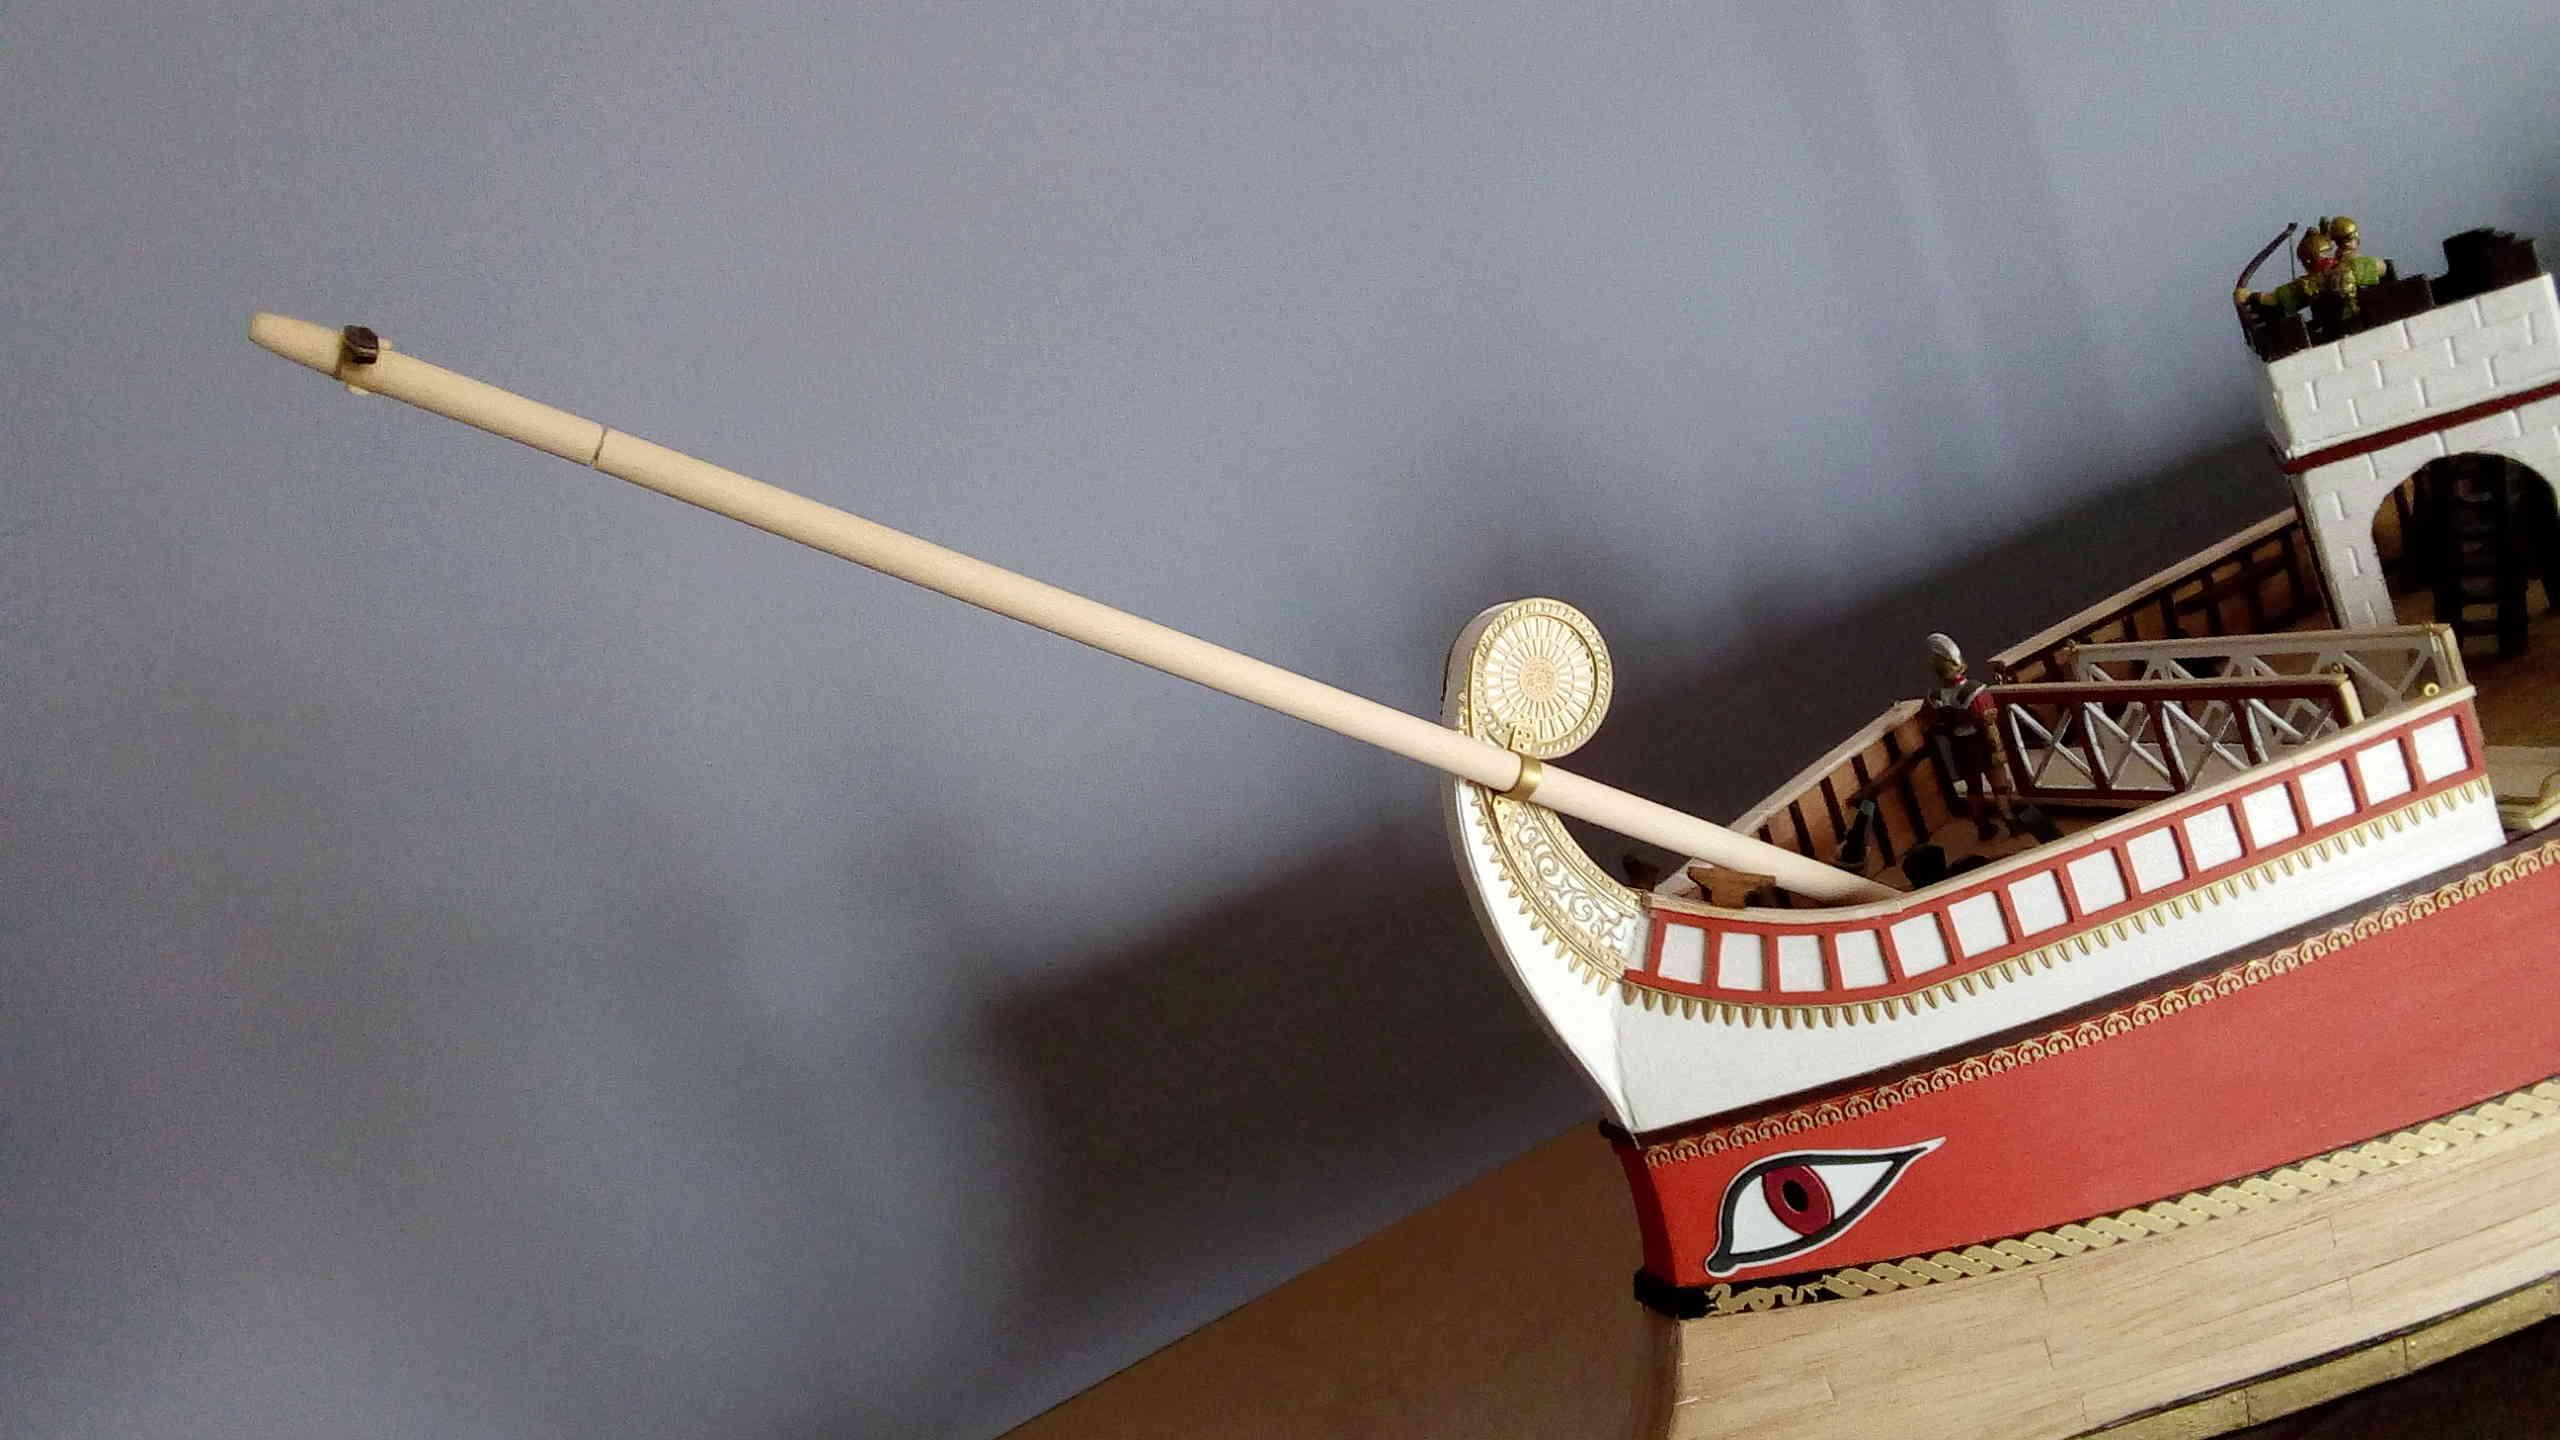 nave - Costruiamo la Nave Romana Quinquereme ? - Pagina 6 Img_2035